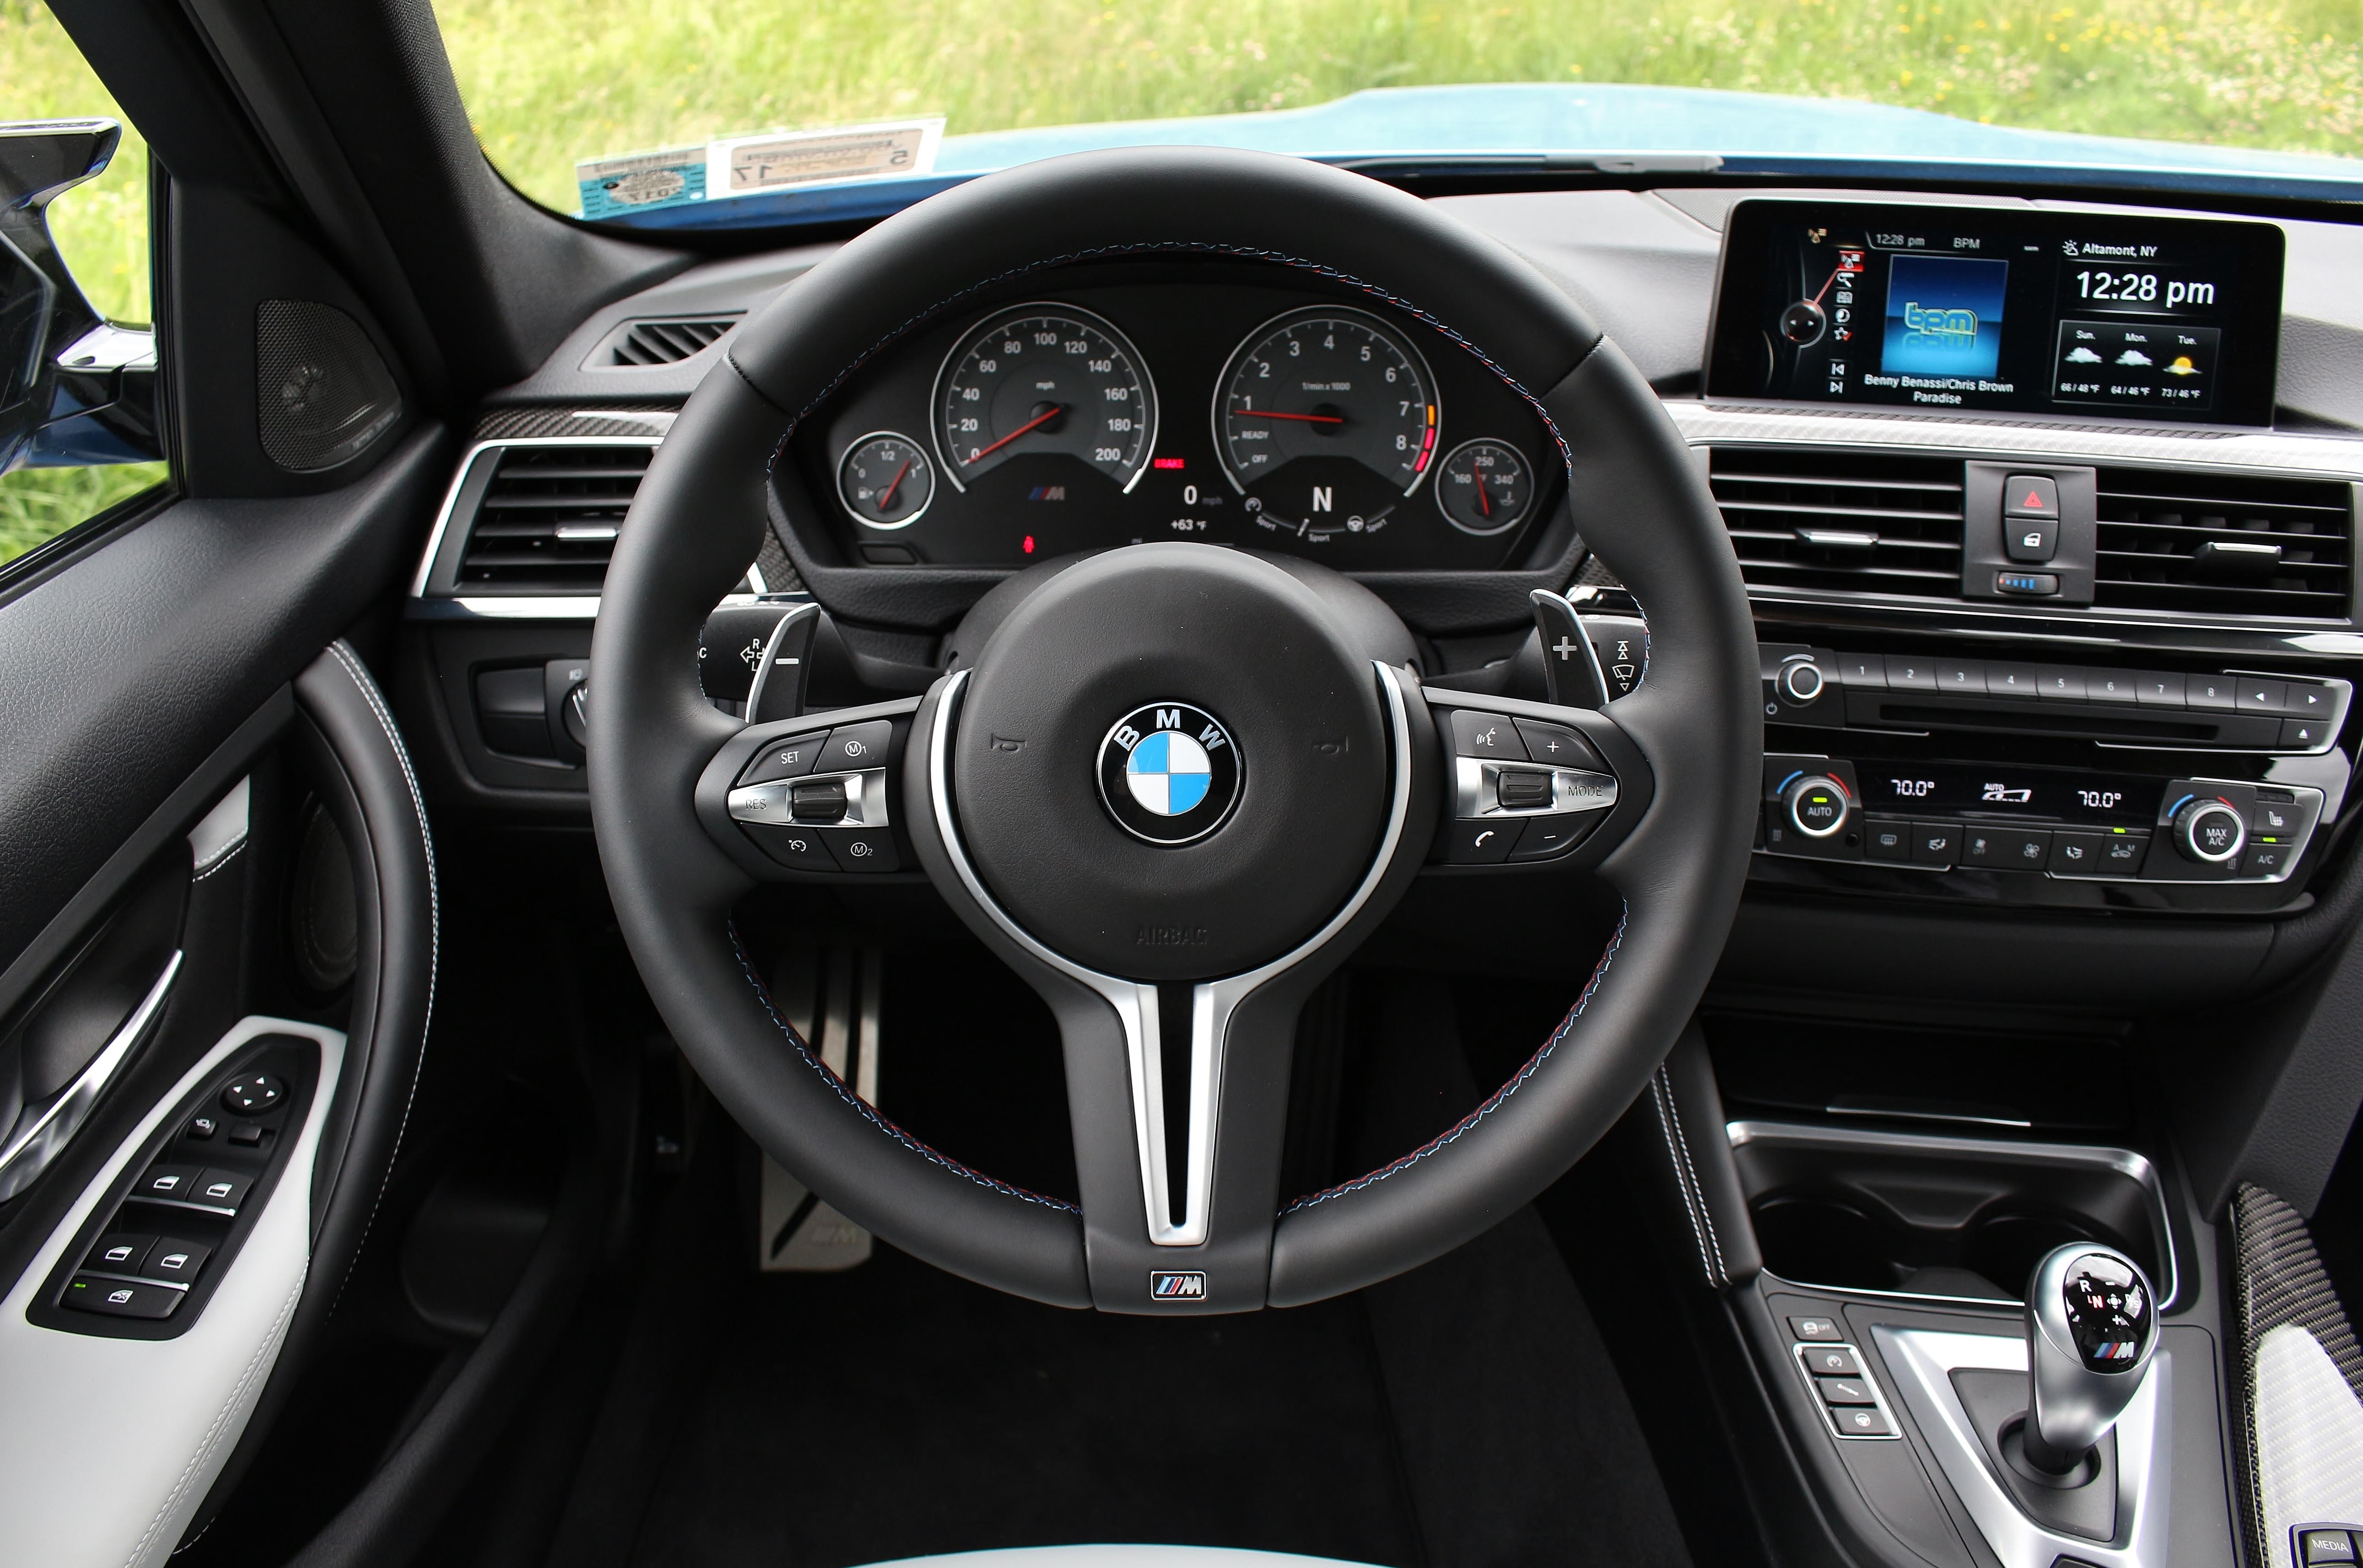 2016 bmw m3 interior 3 limited slip blog